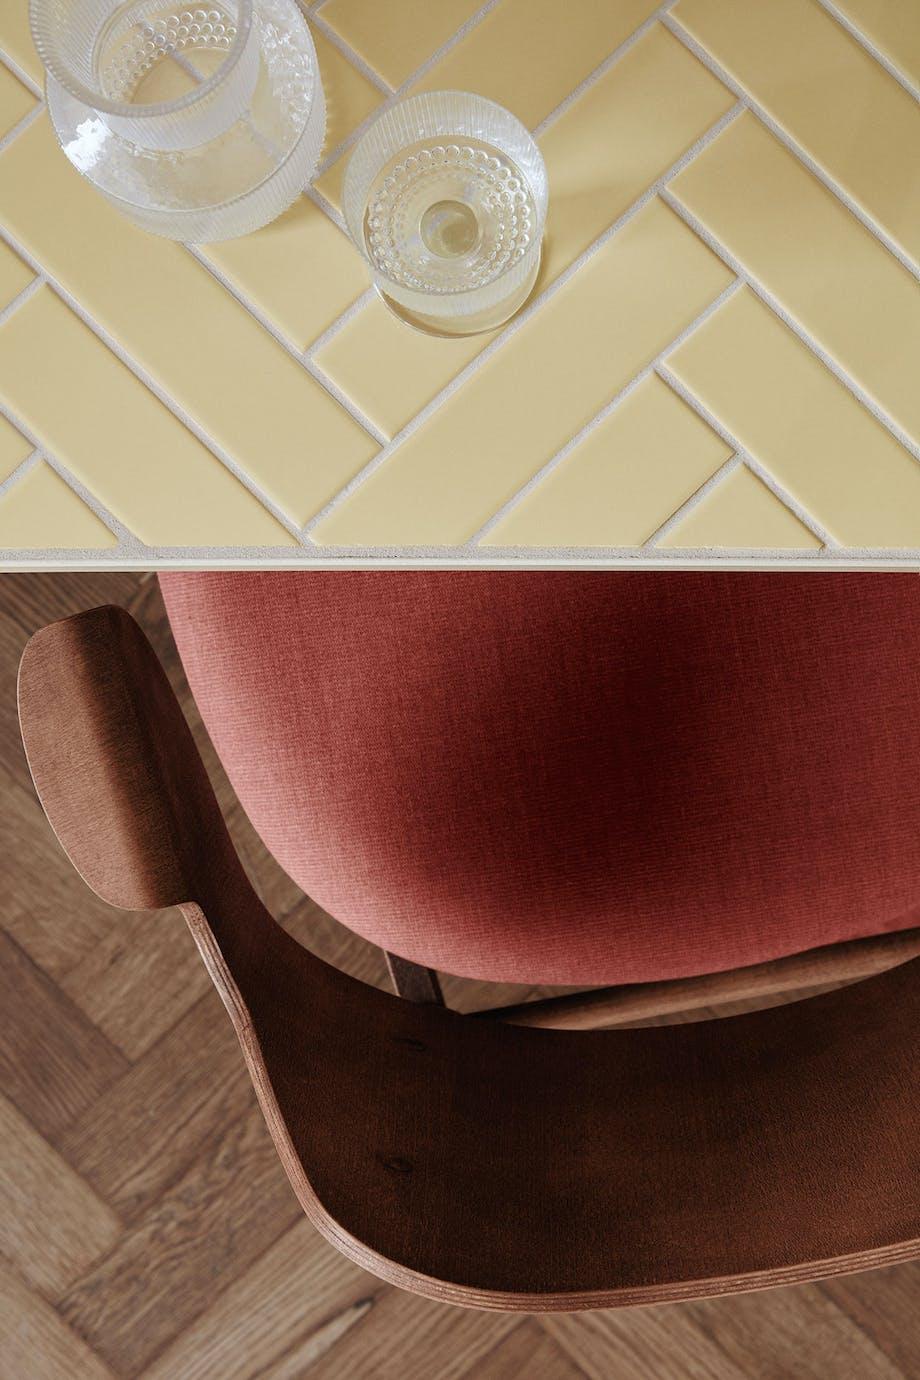 warm nordic tile bord charlotte hønckes herringbone Gesture Chair Hans Olsen